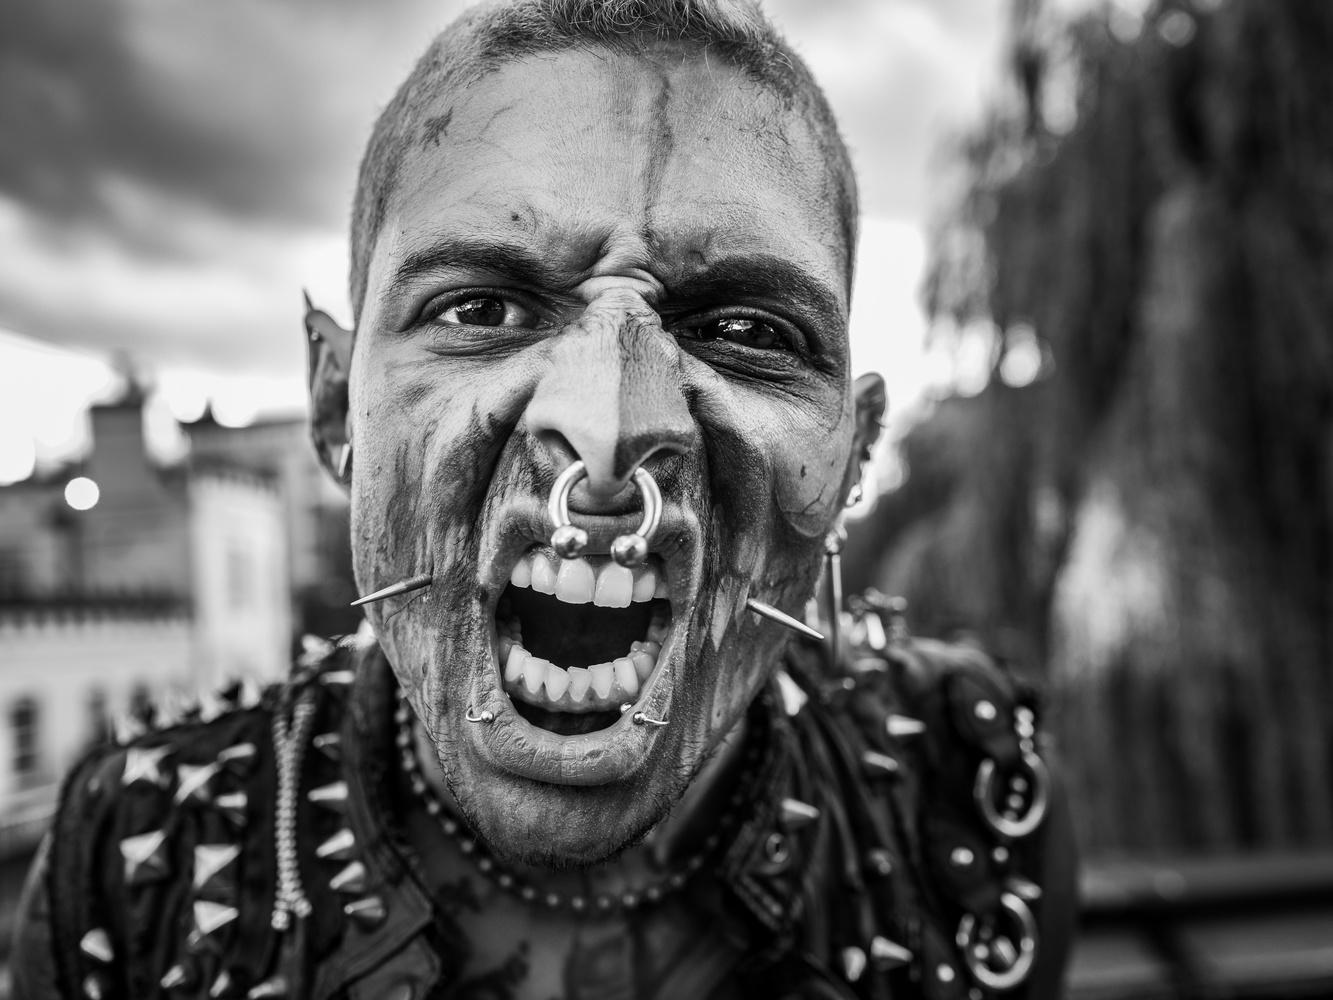 Zombie Punk by Tomasz Kowalski